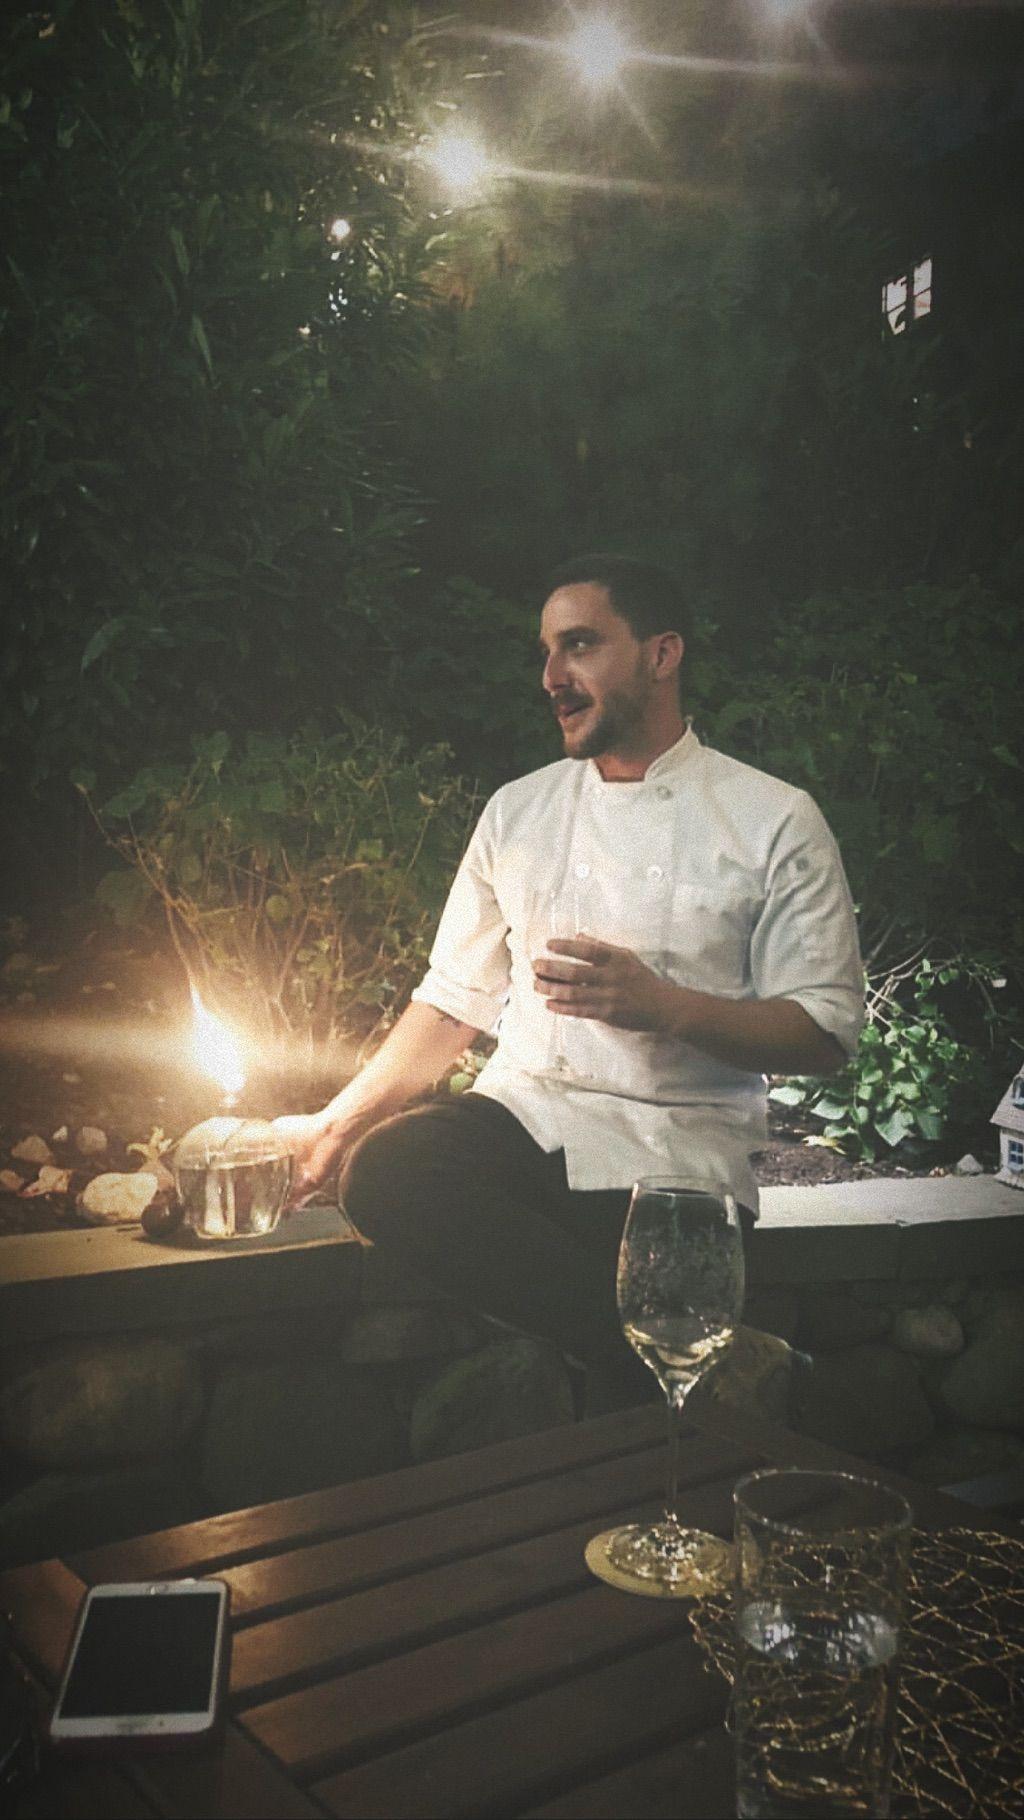 Chef David Feldman